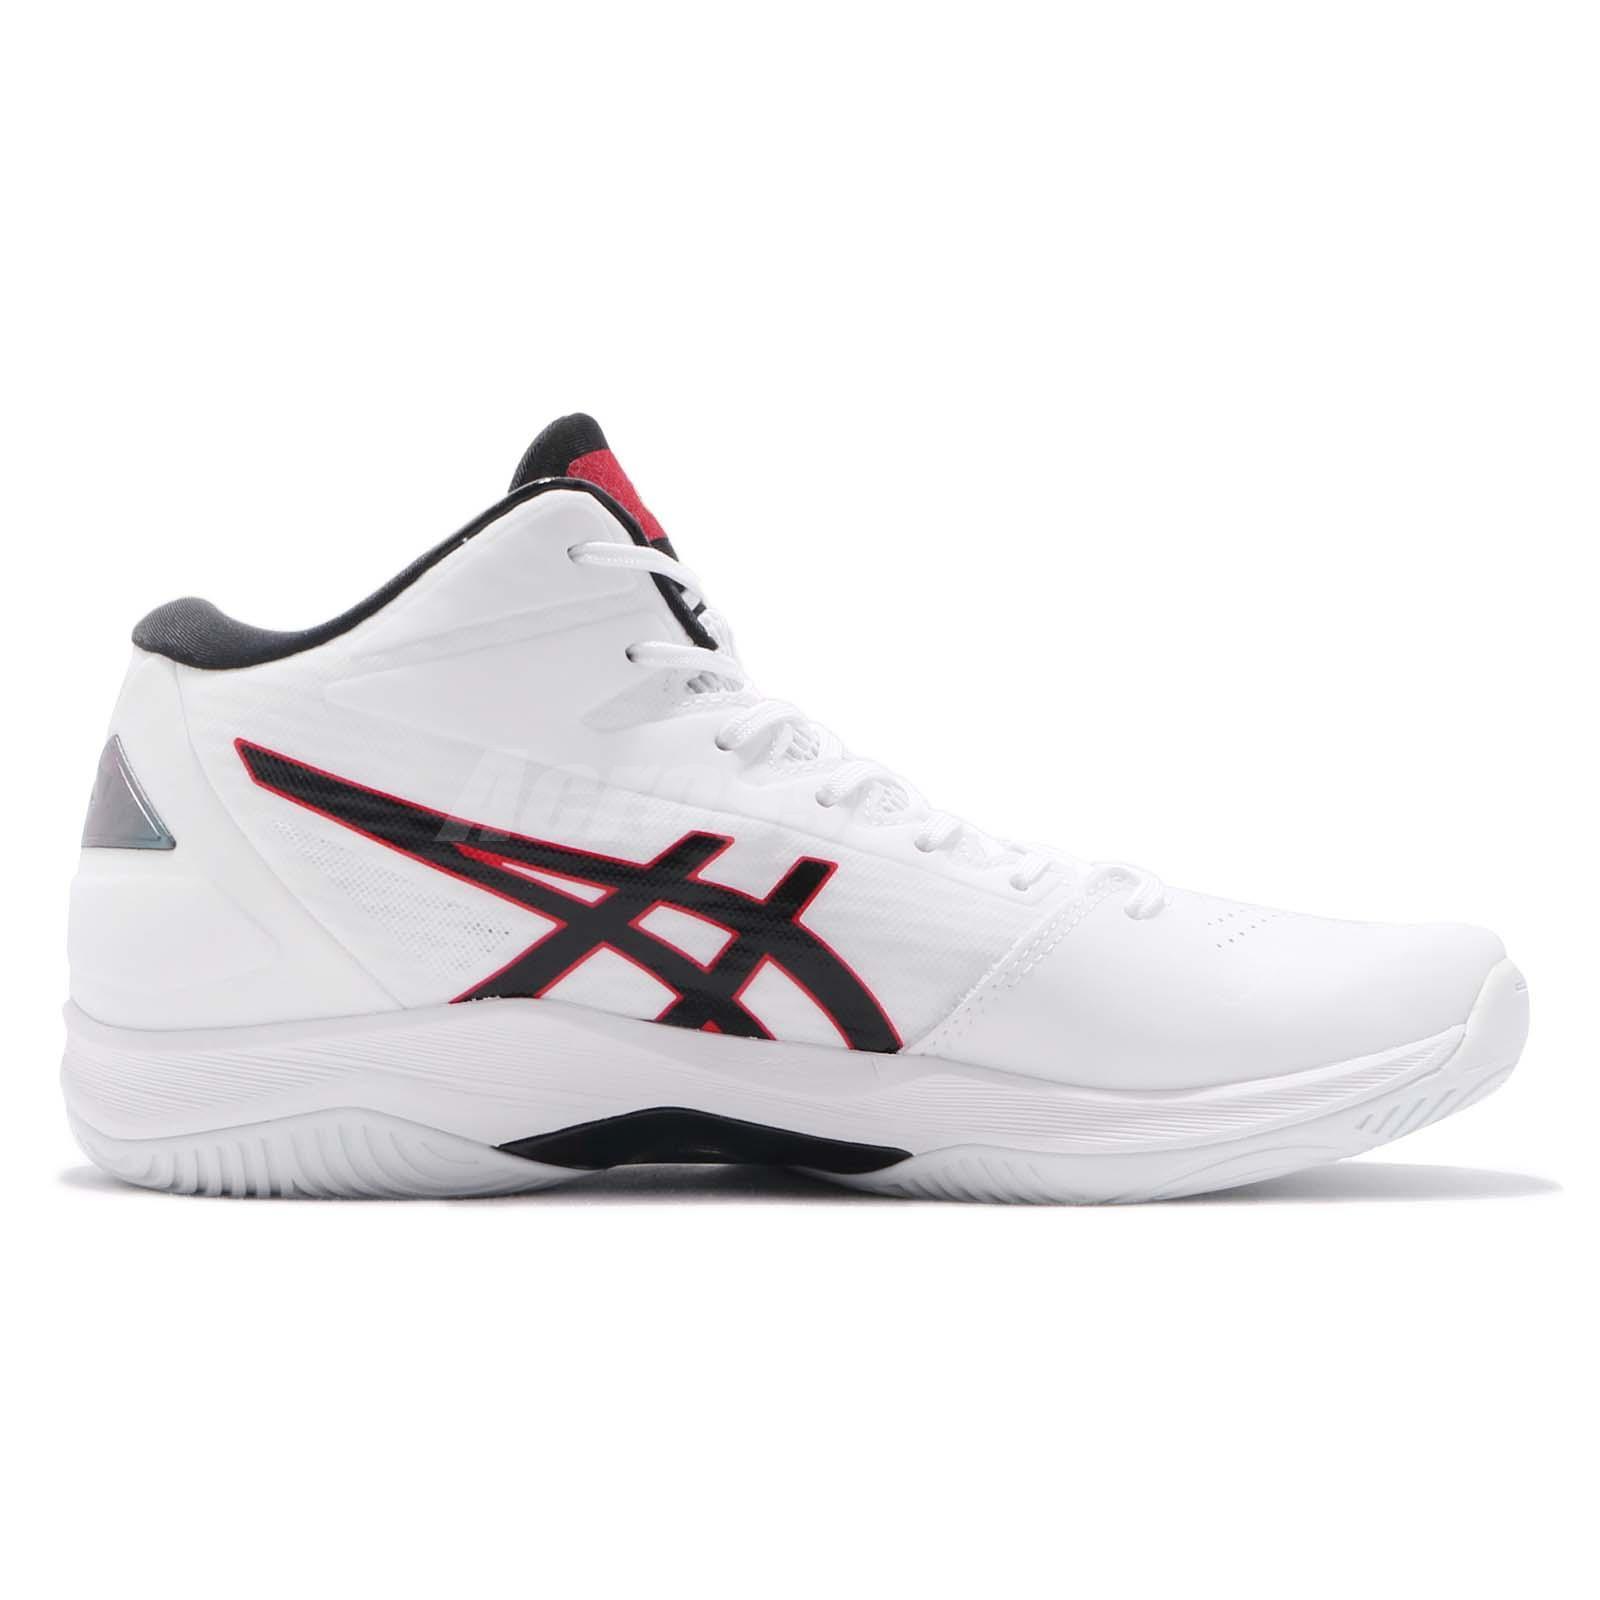 Men's Shoes Asics Gelhoop V11 White Black Red Men Basketball Shoes Sneakers 1061a015-116